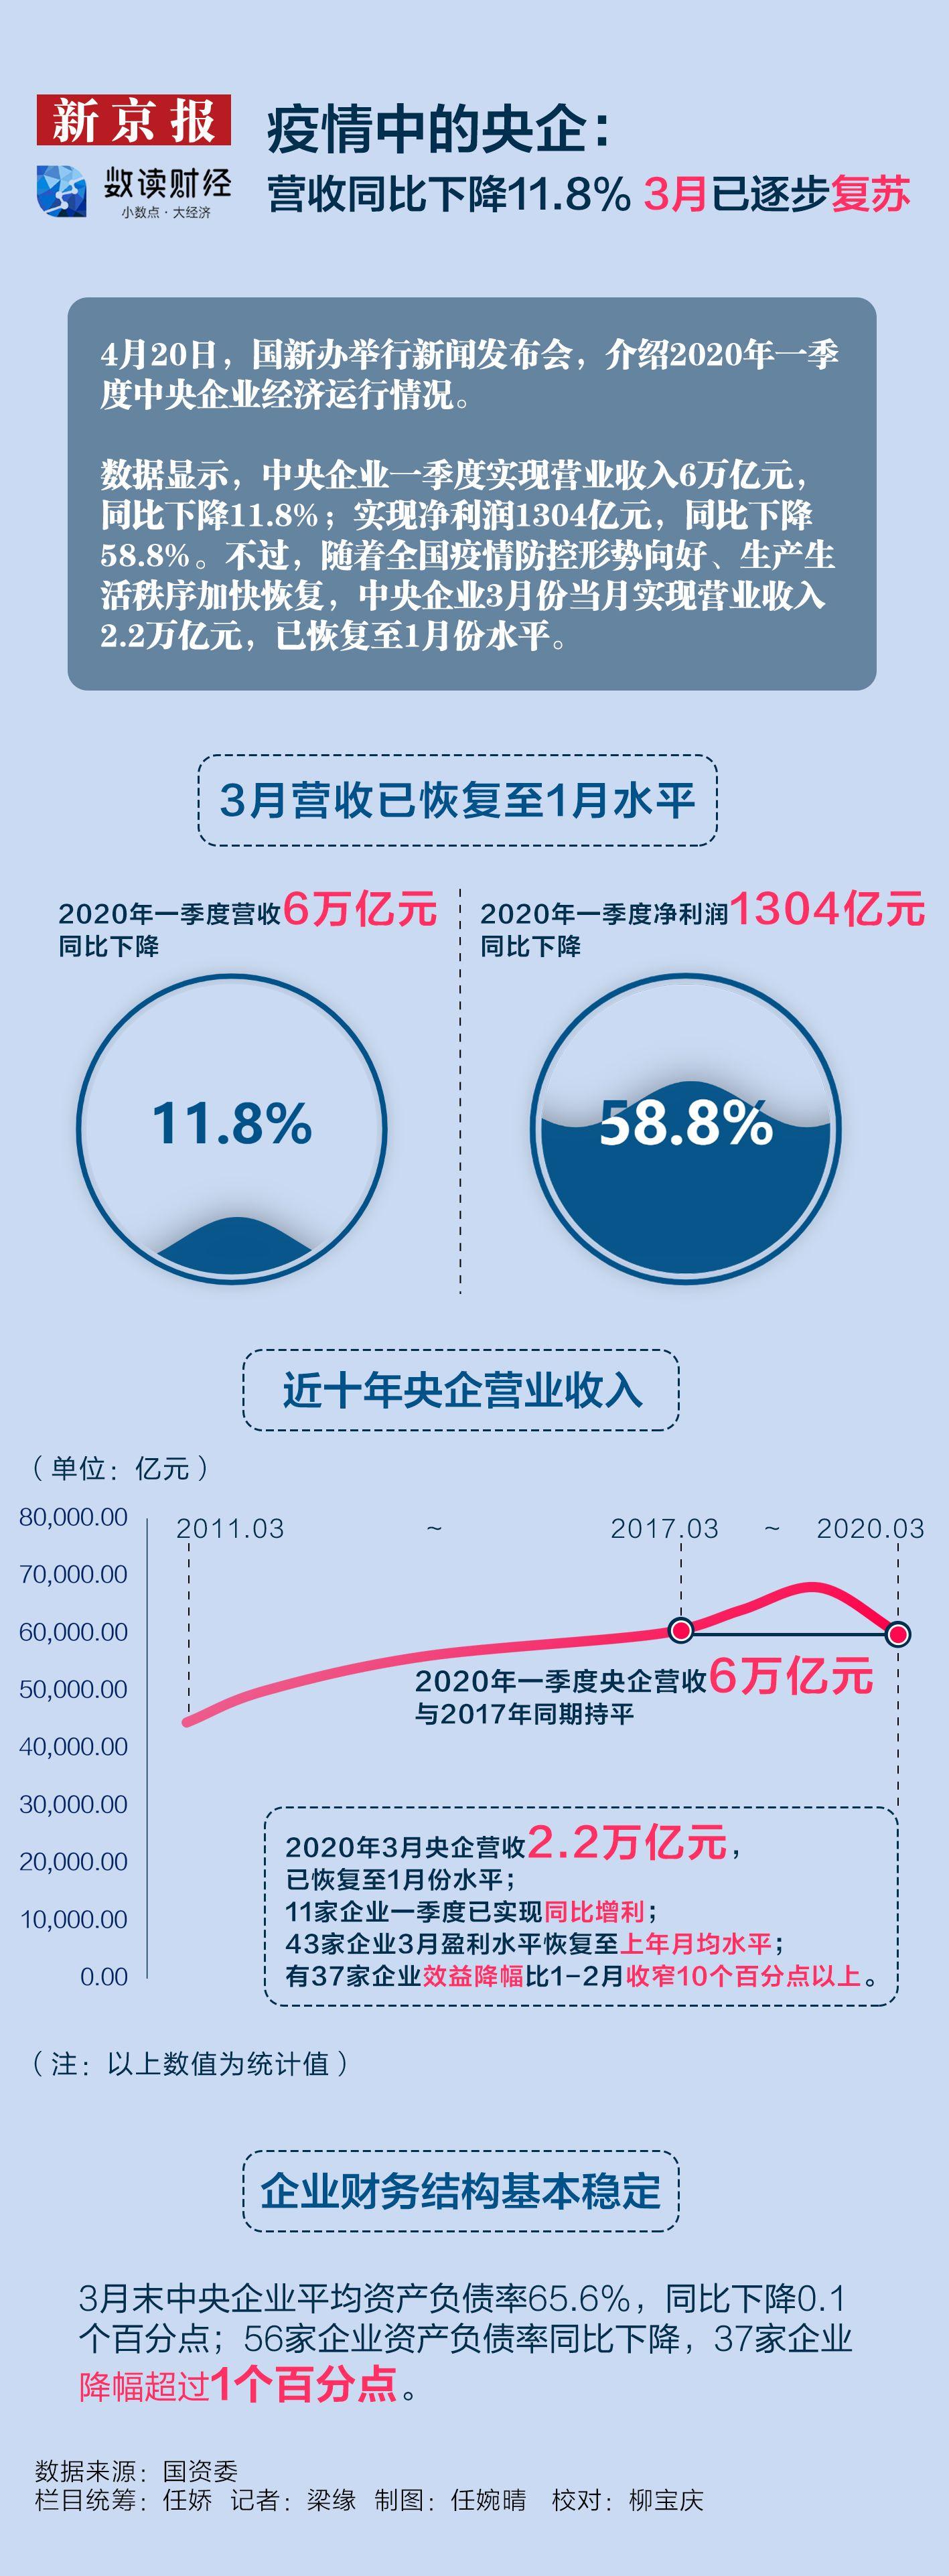 摩天平台,收同比下摩天平台降118%3图片